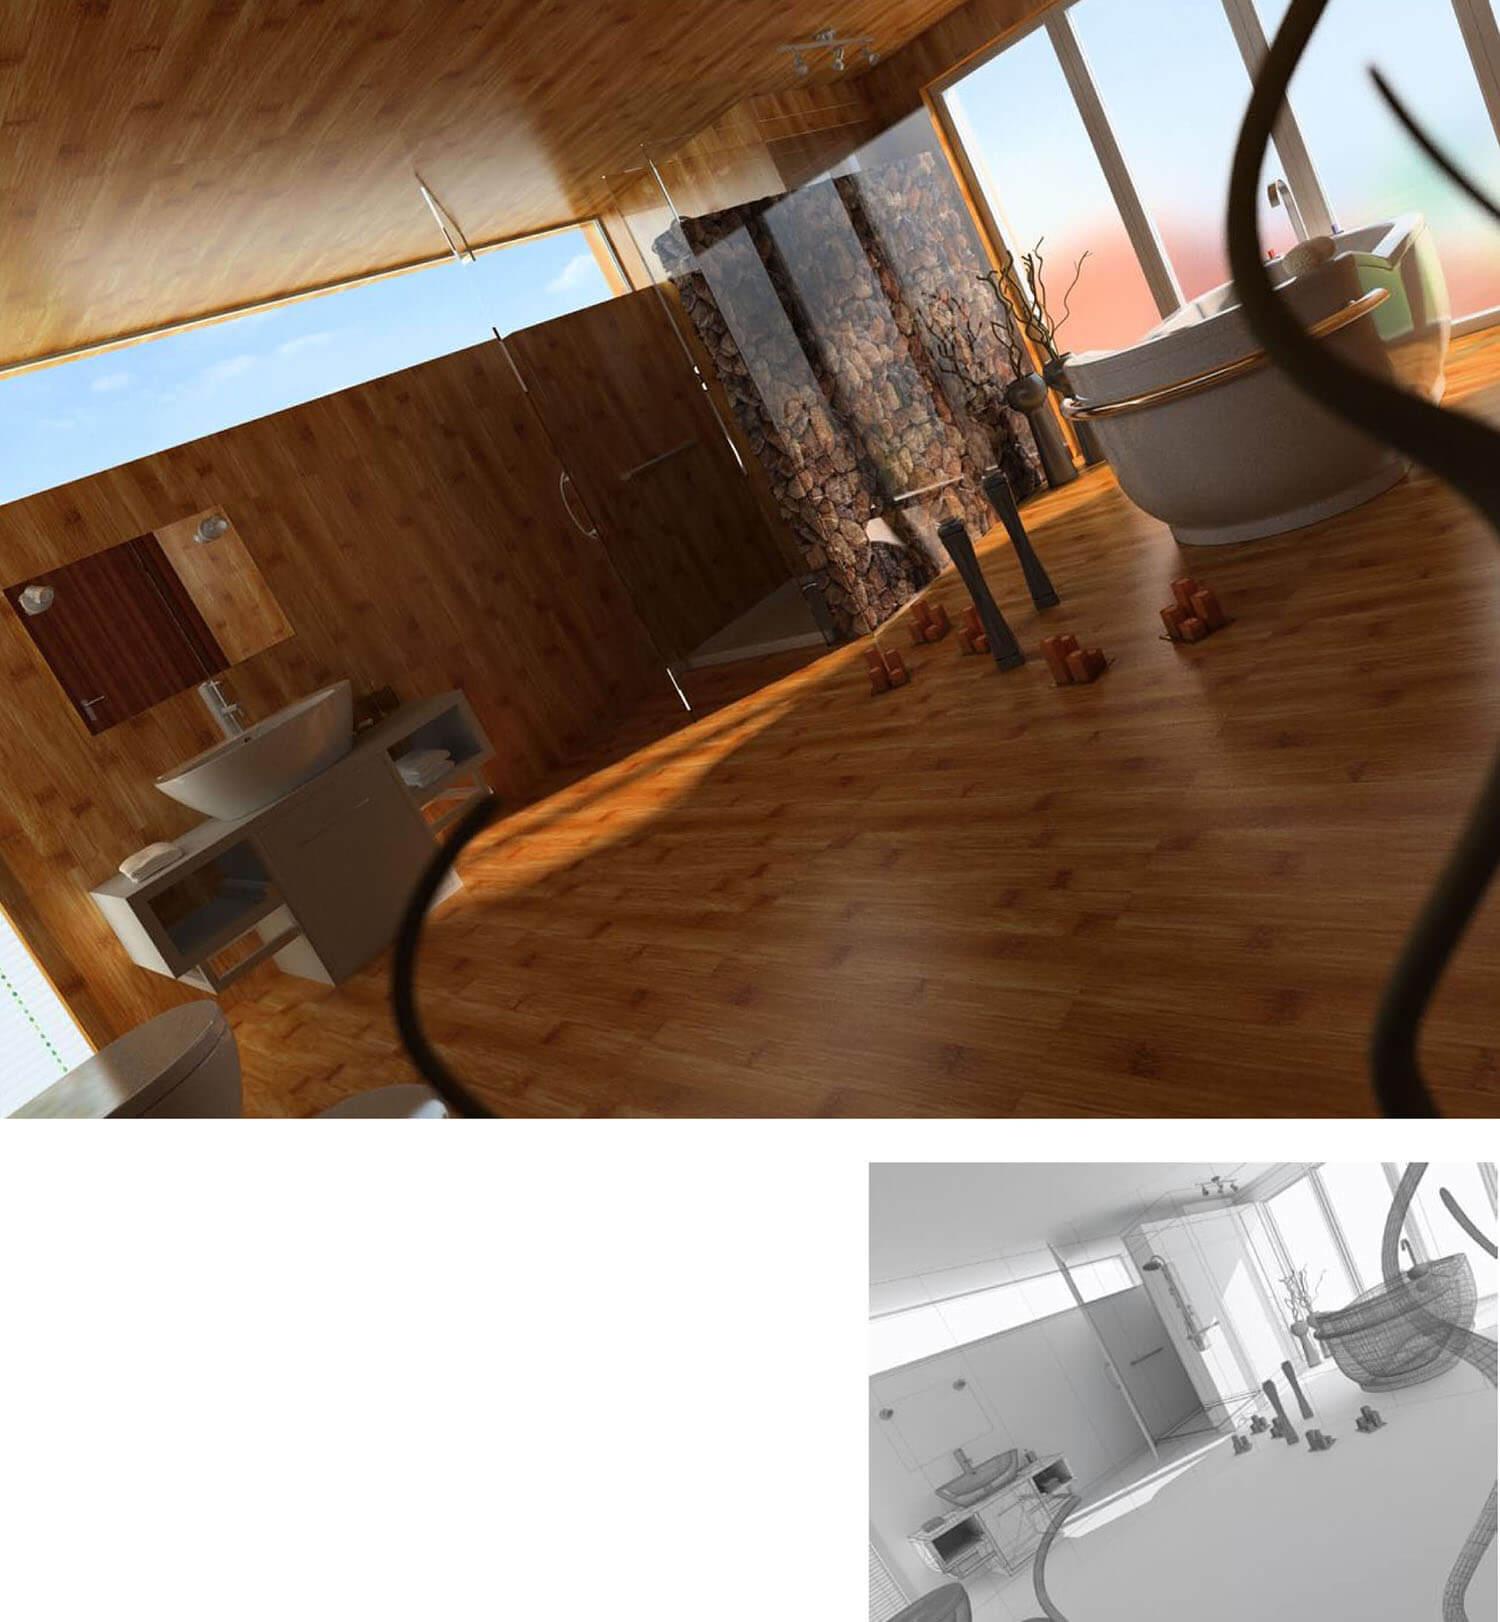 Phòng tắm được thiết kế với trần và sàn gỗ đi cùng tường vách kính